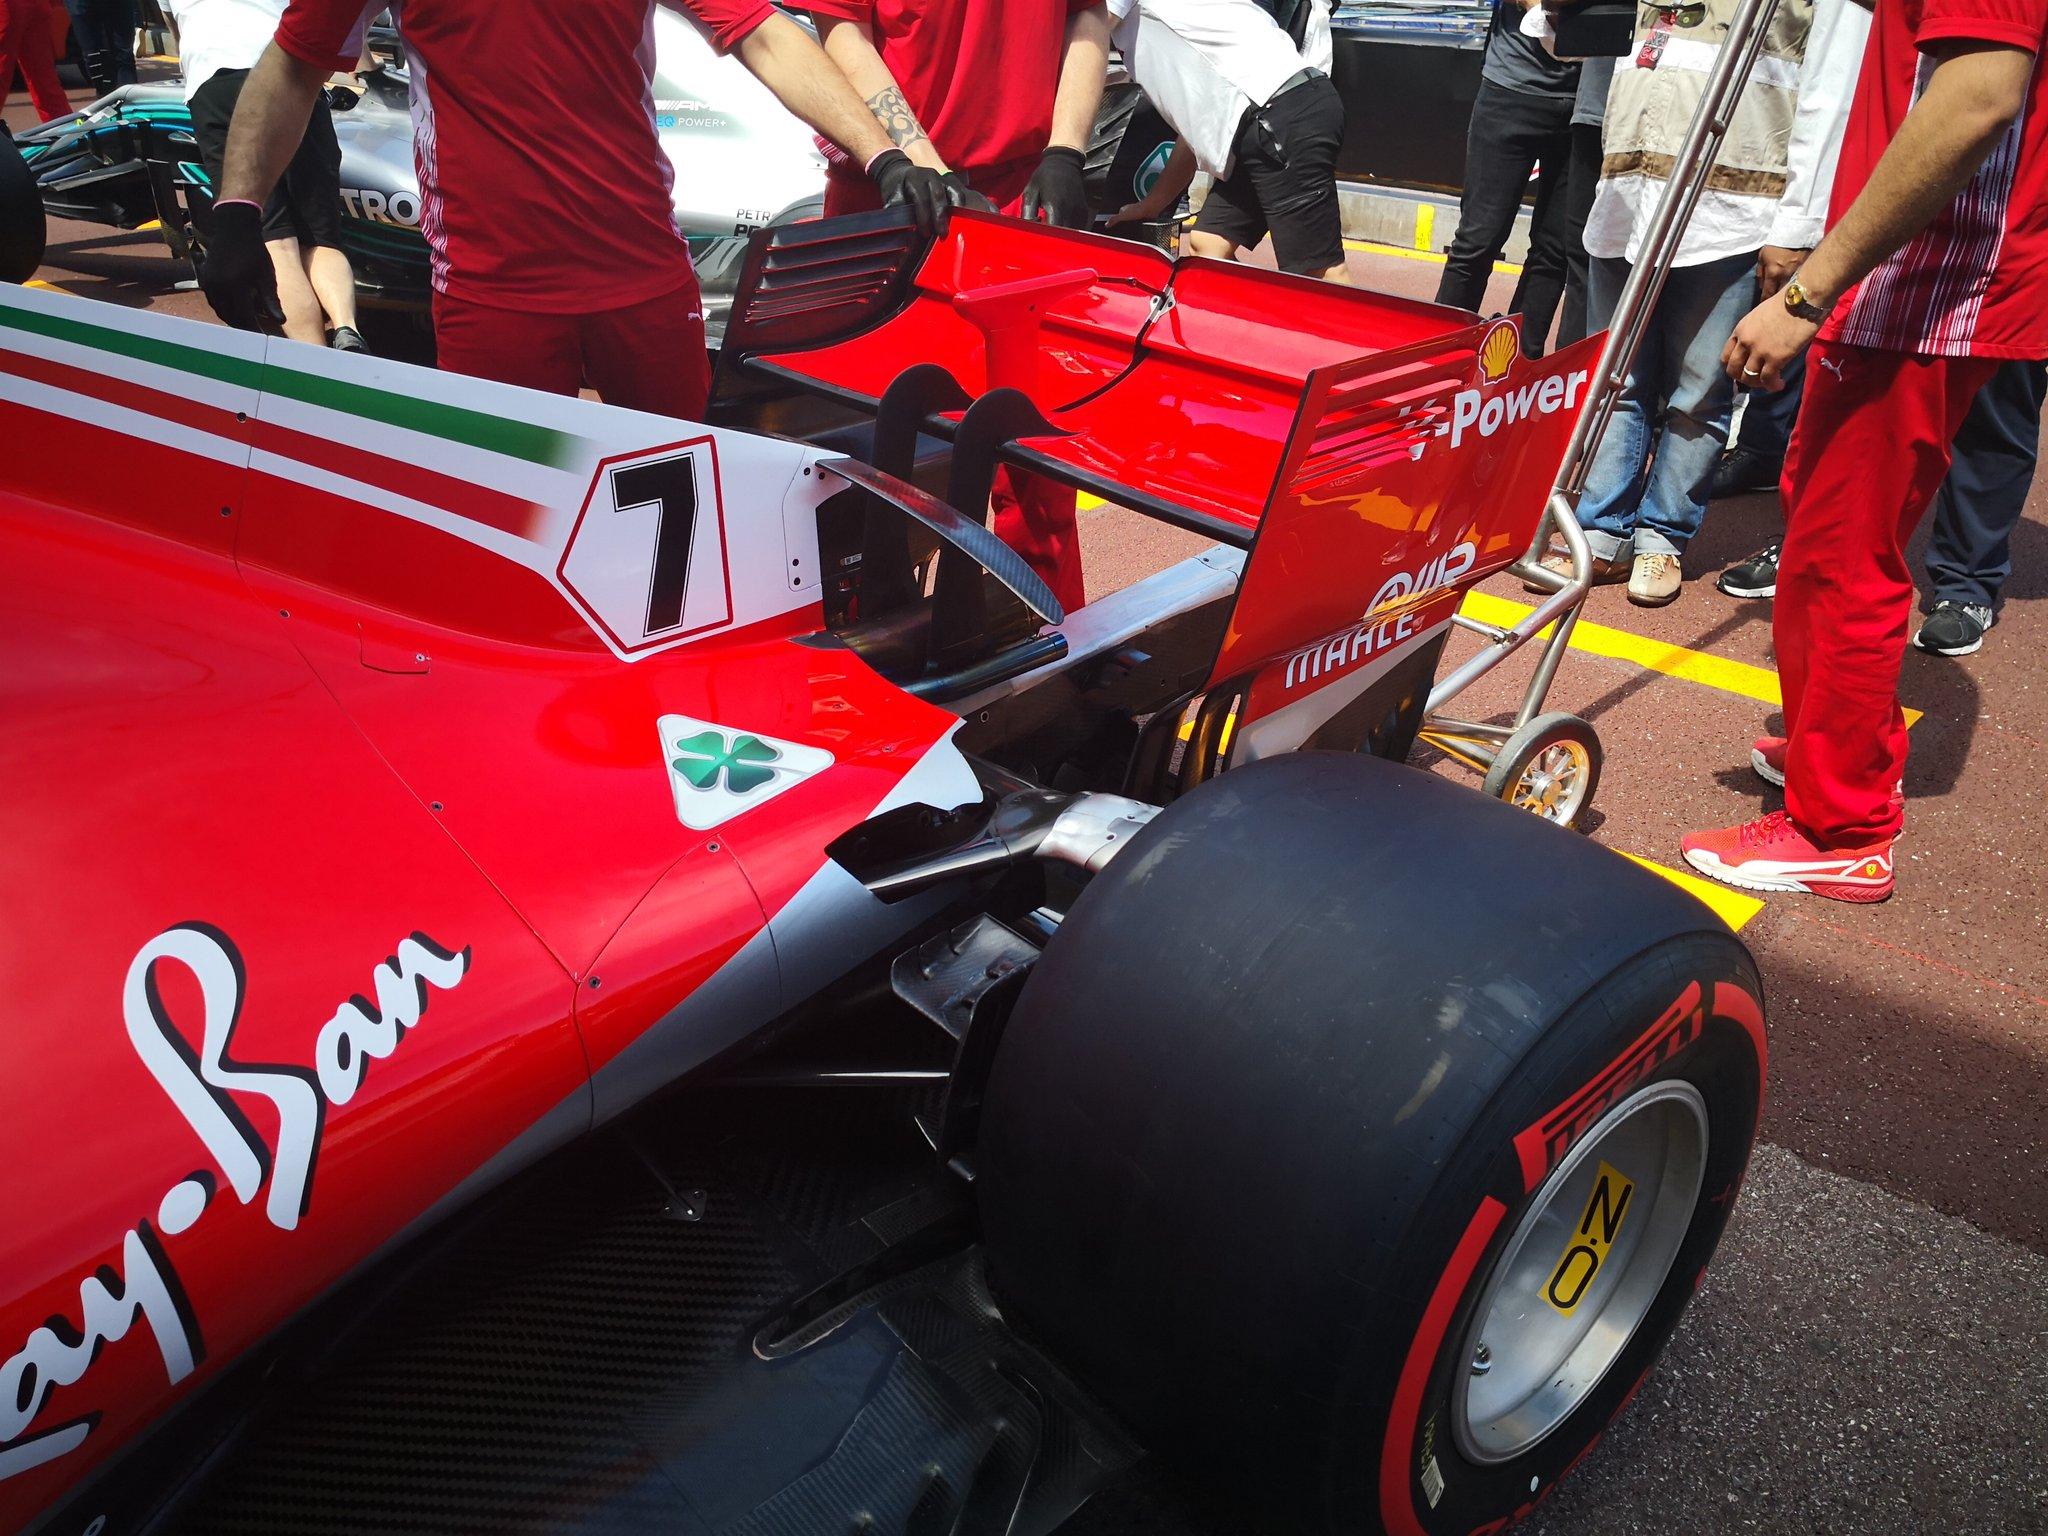 Ferrari upgrade pneus aerofolio para o GP de Mônaco